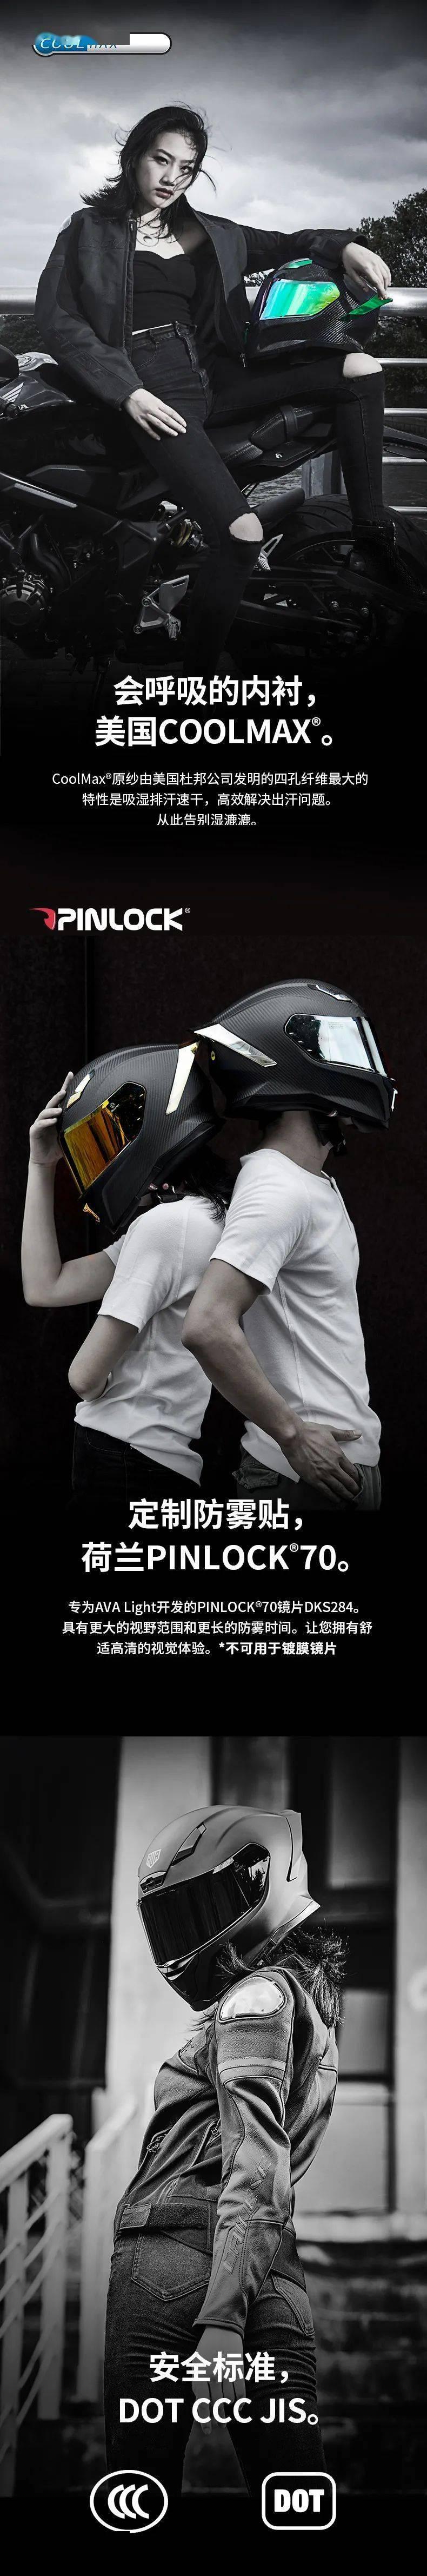 """如果让你头上顶着""""闪电""""骑车会不会很酷?这道""""闪电""""头盔不足3000元就可以买到-第10张图片-春风行摩托车之家"""